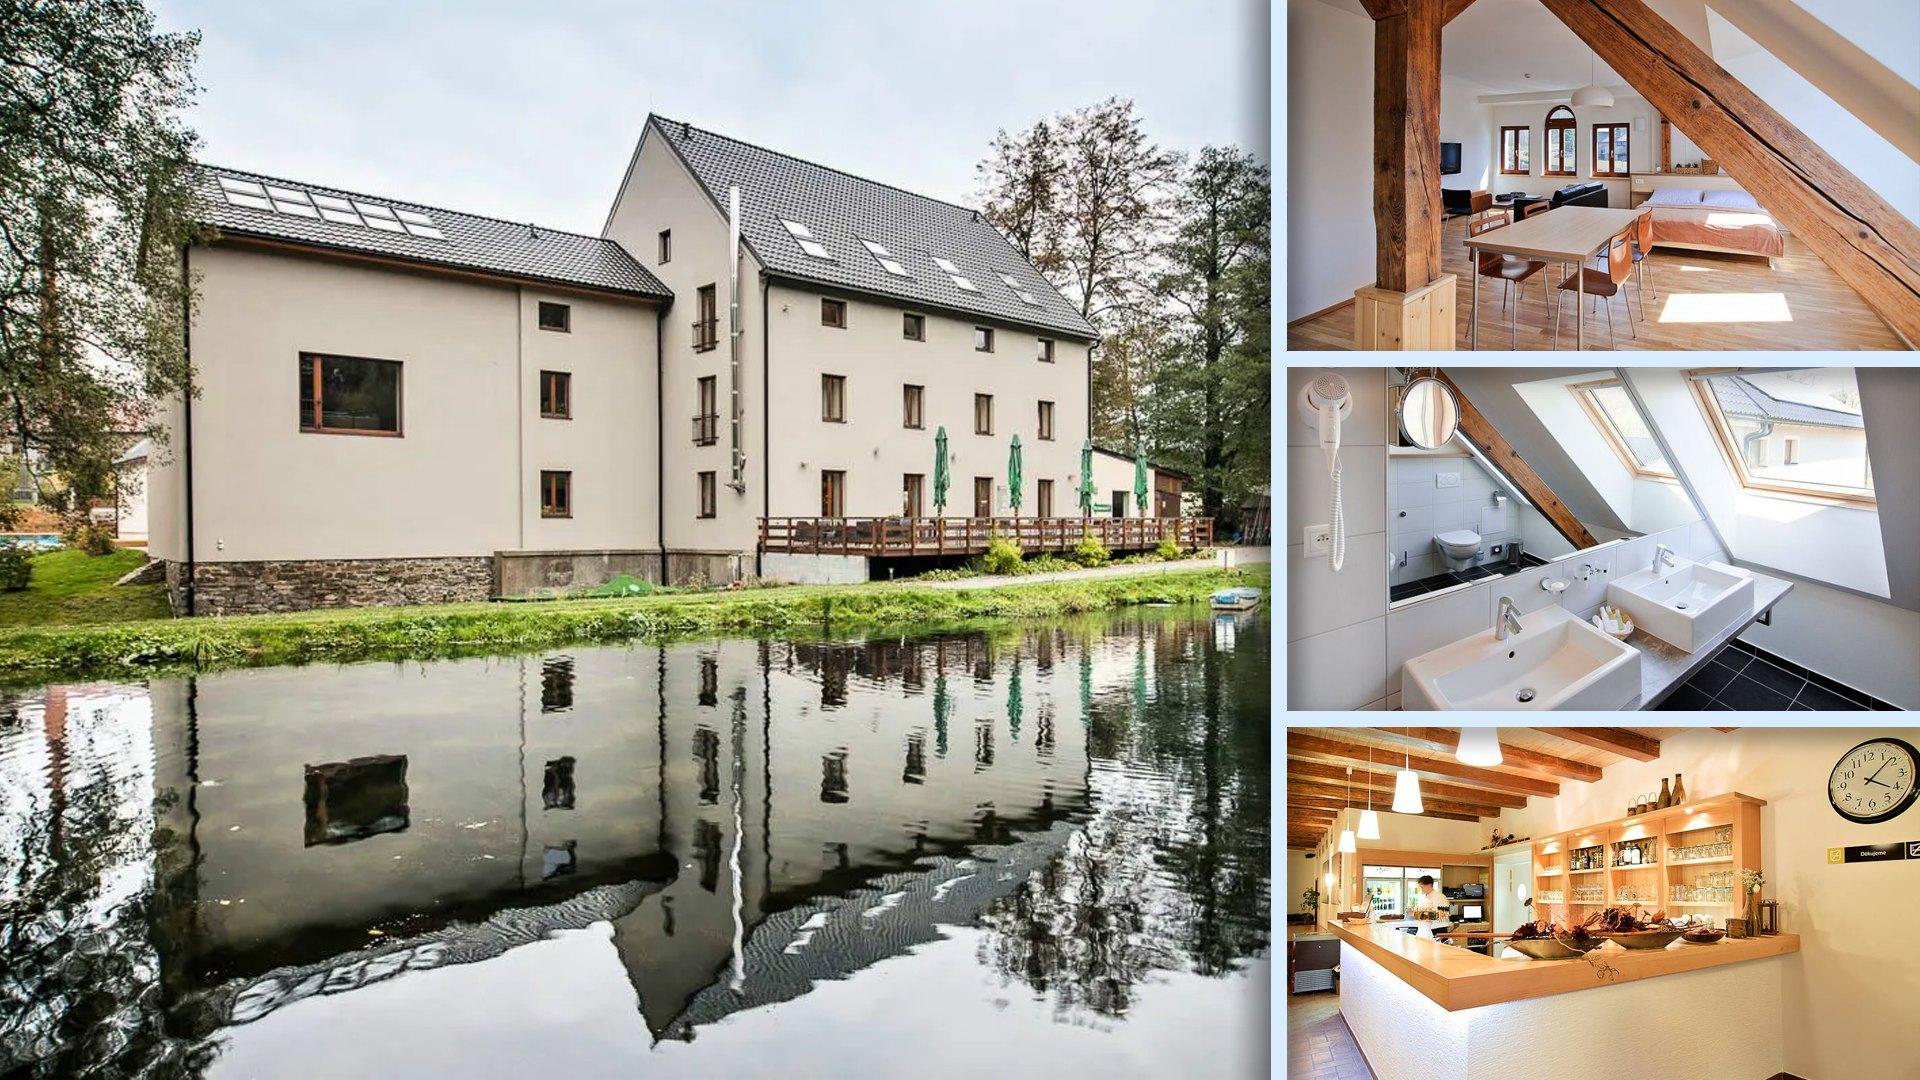 Ubytování Davidův mlýn - Moderní hotel, skvělé služby, gastronimie (ryby z vlastního rybníka)